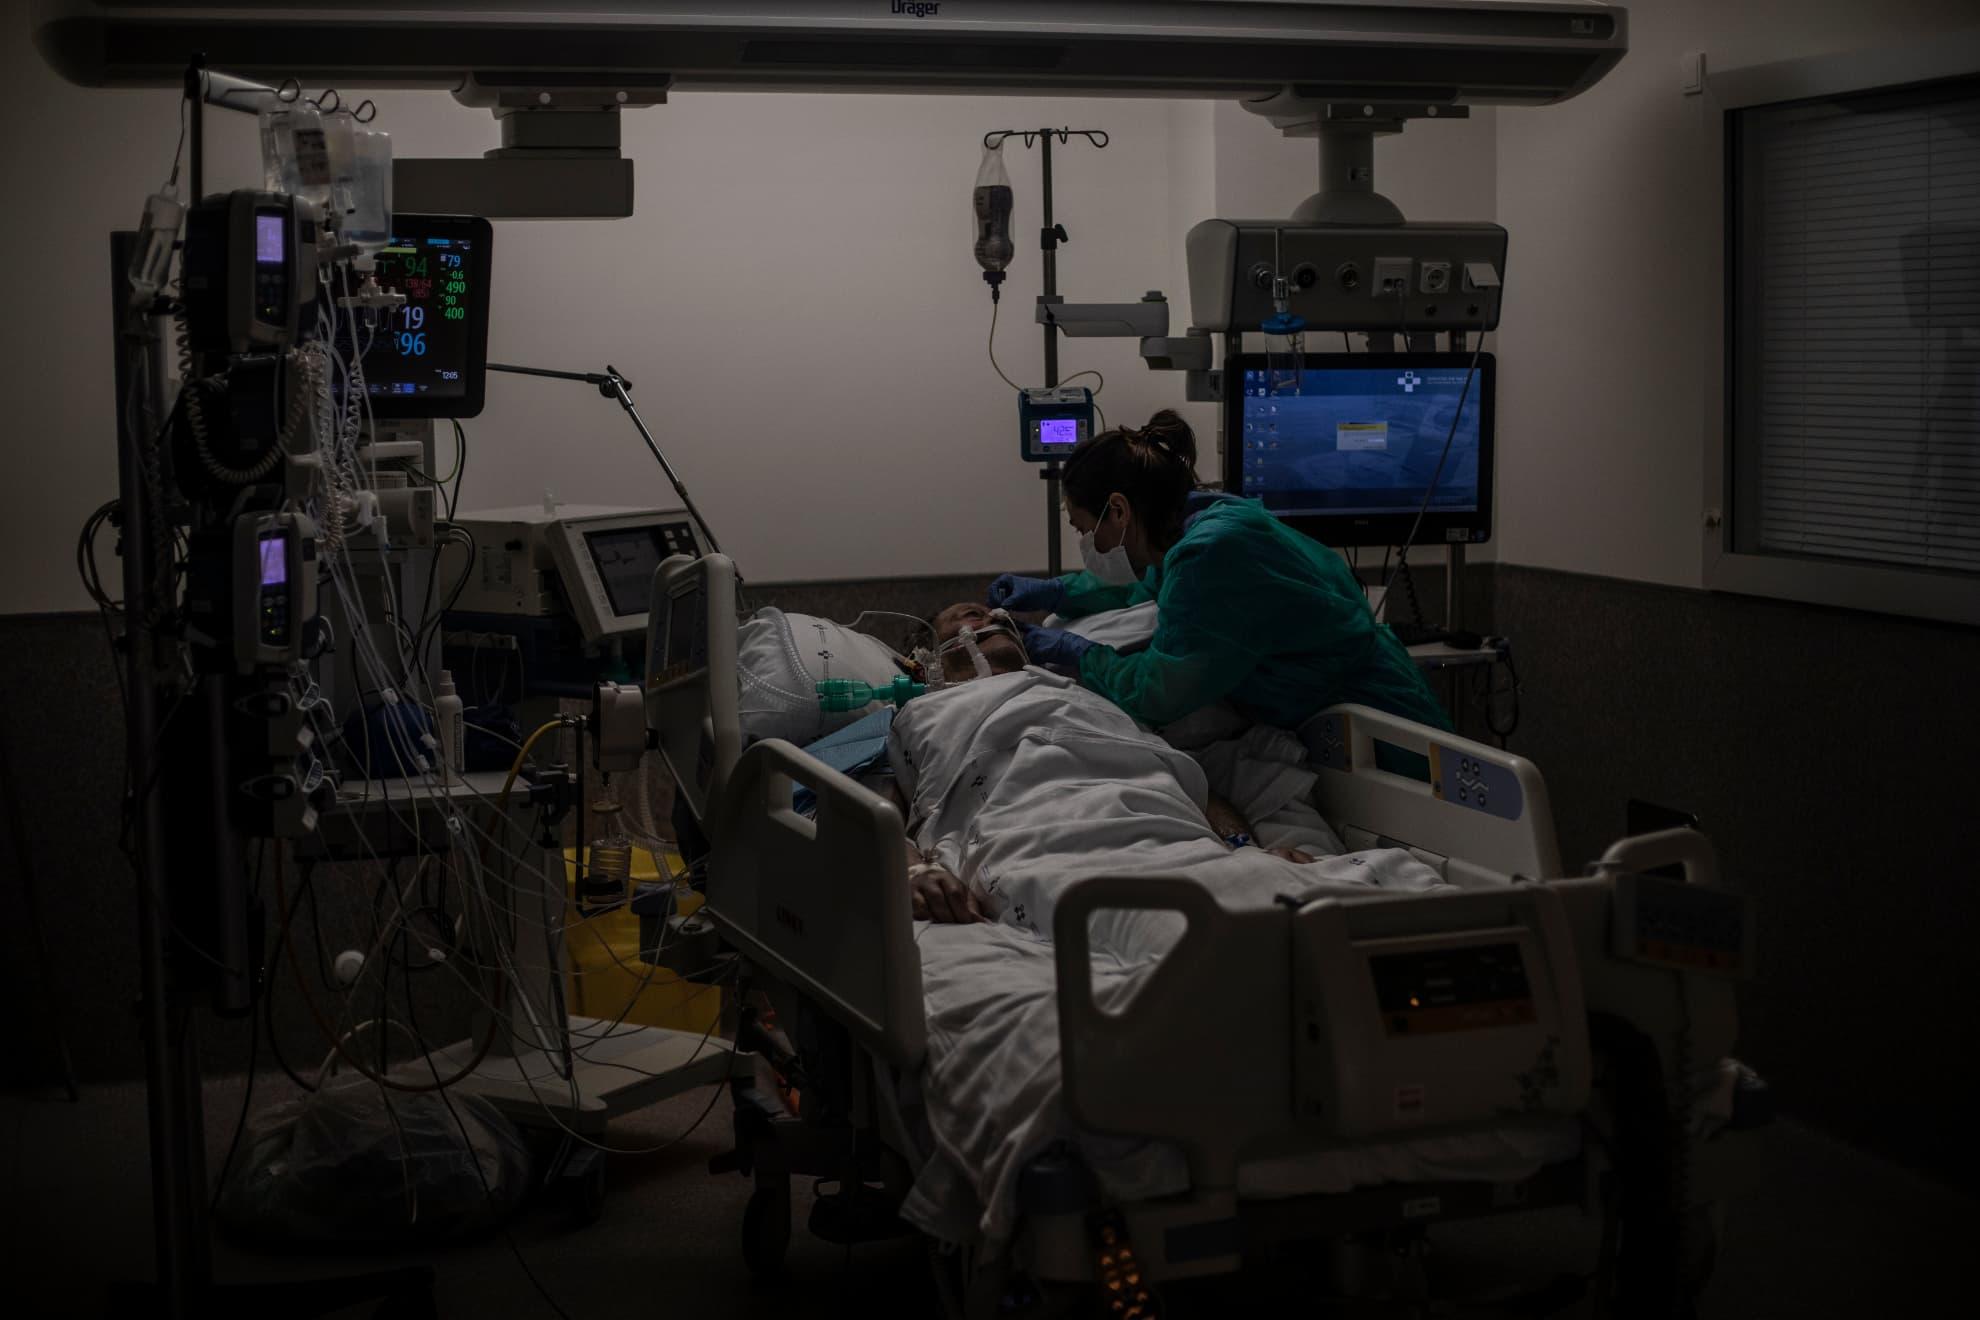 Una enfermera atiende a un paciente con COVID-19 en la Unidad de Cuidados Intensivos del Hospital Universitario Central de Asturias en Oviedo, Asturias, España.